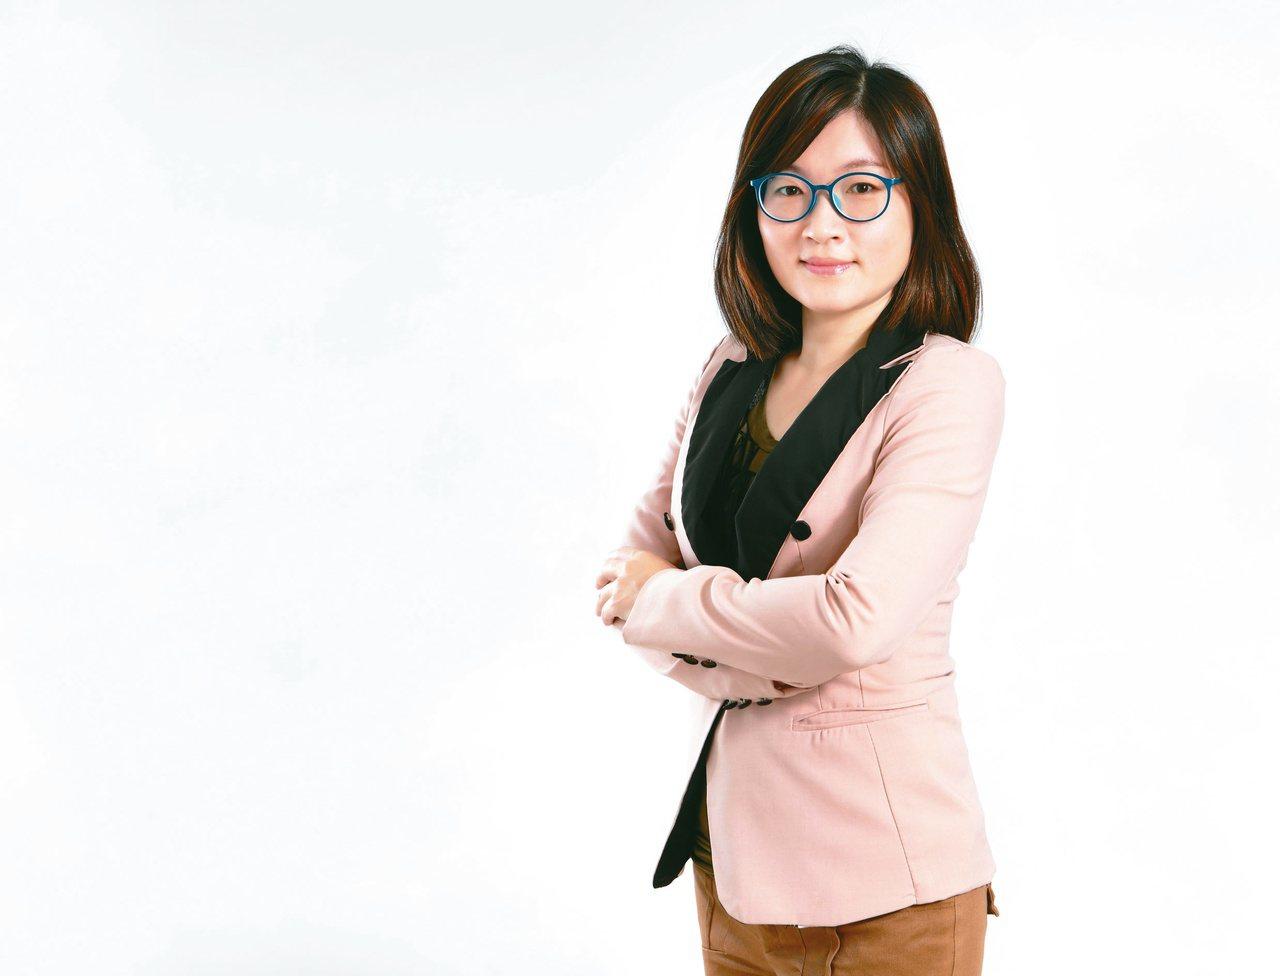 理財專家郭莉芳透過每個月定期定額投資,幫4個孩子存千萬教育金。圖/郭莉芳提供